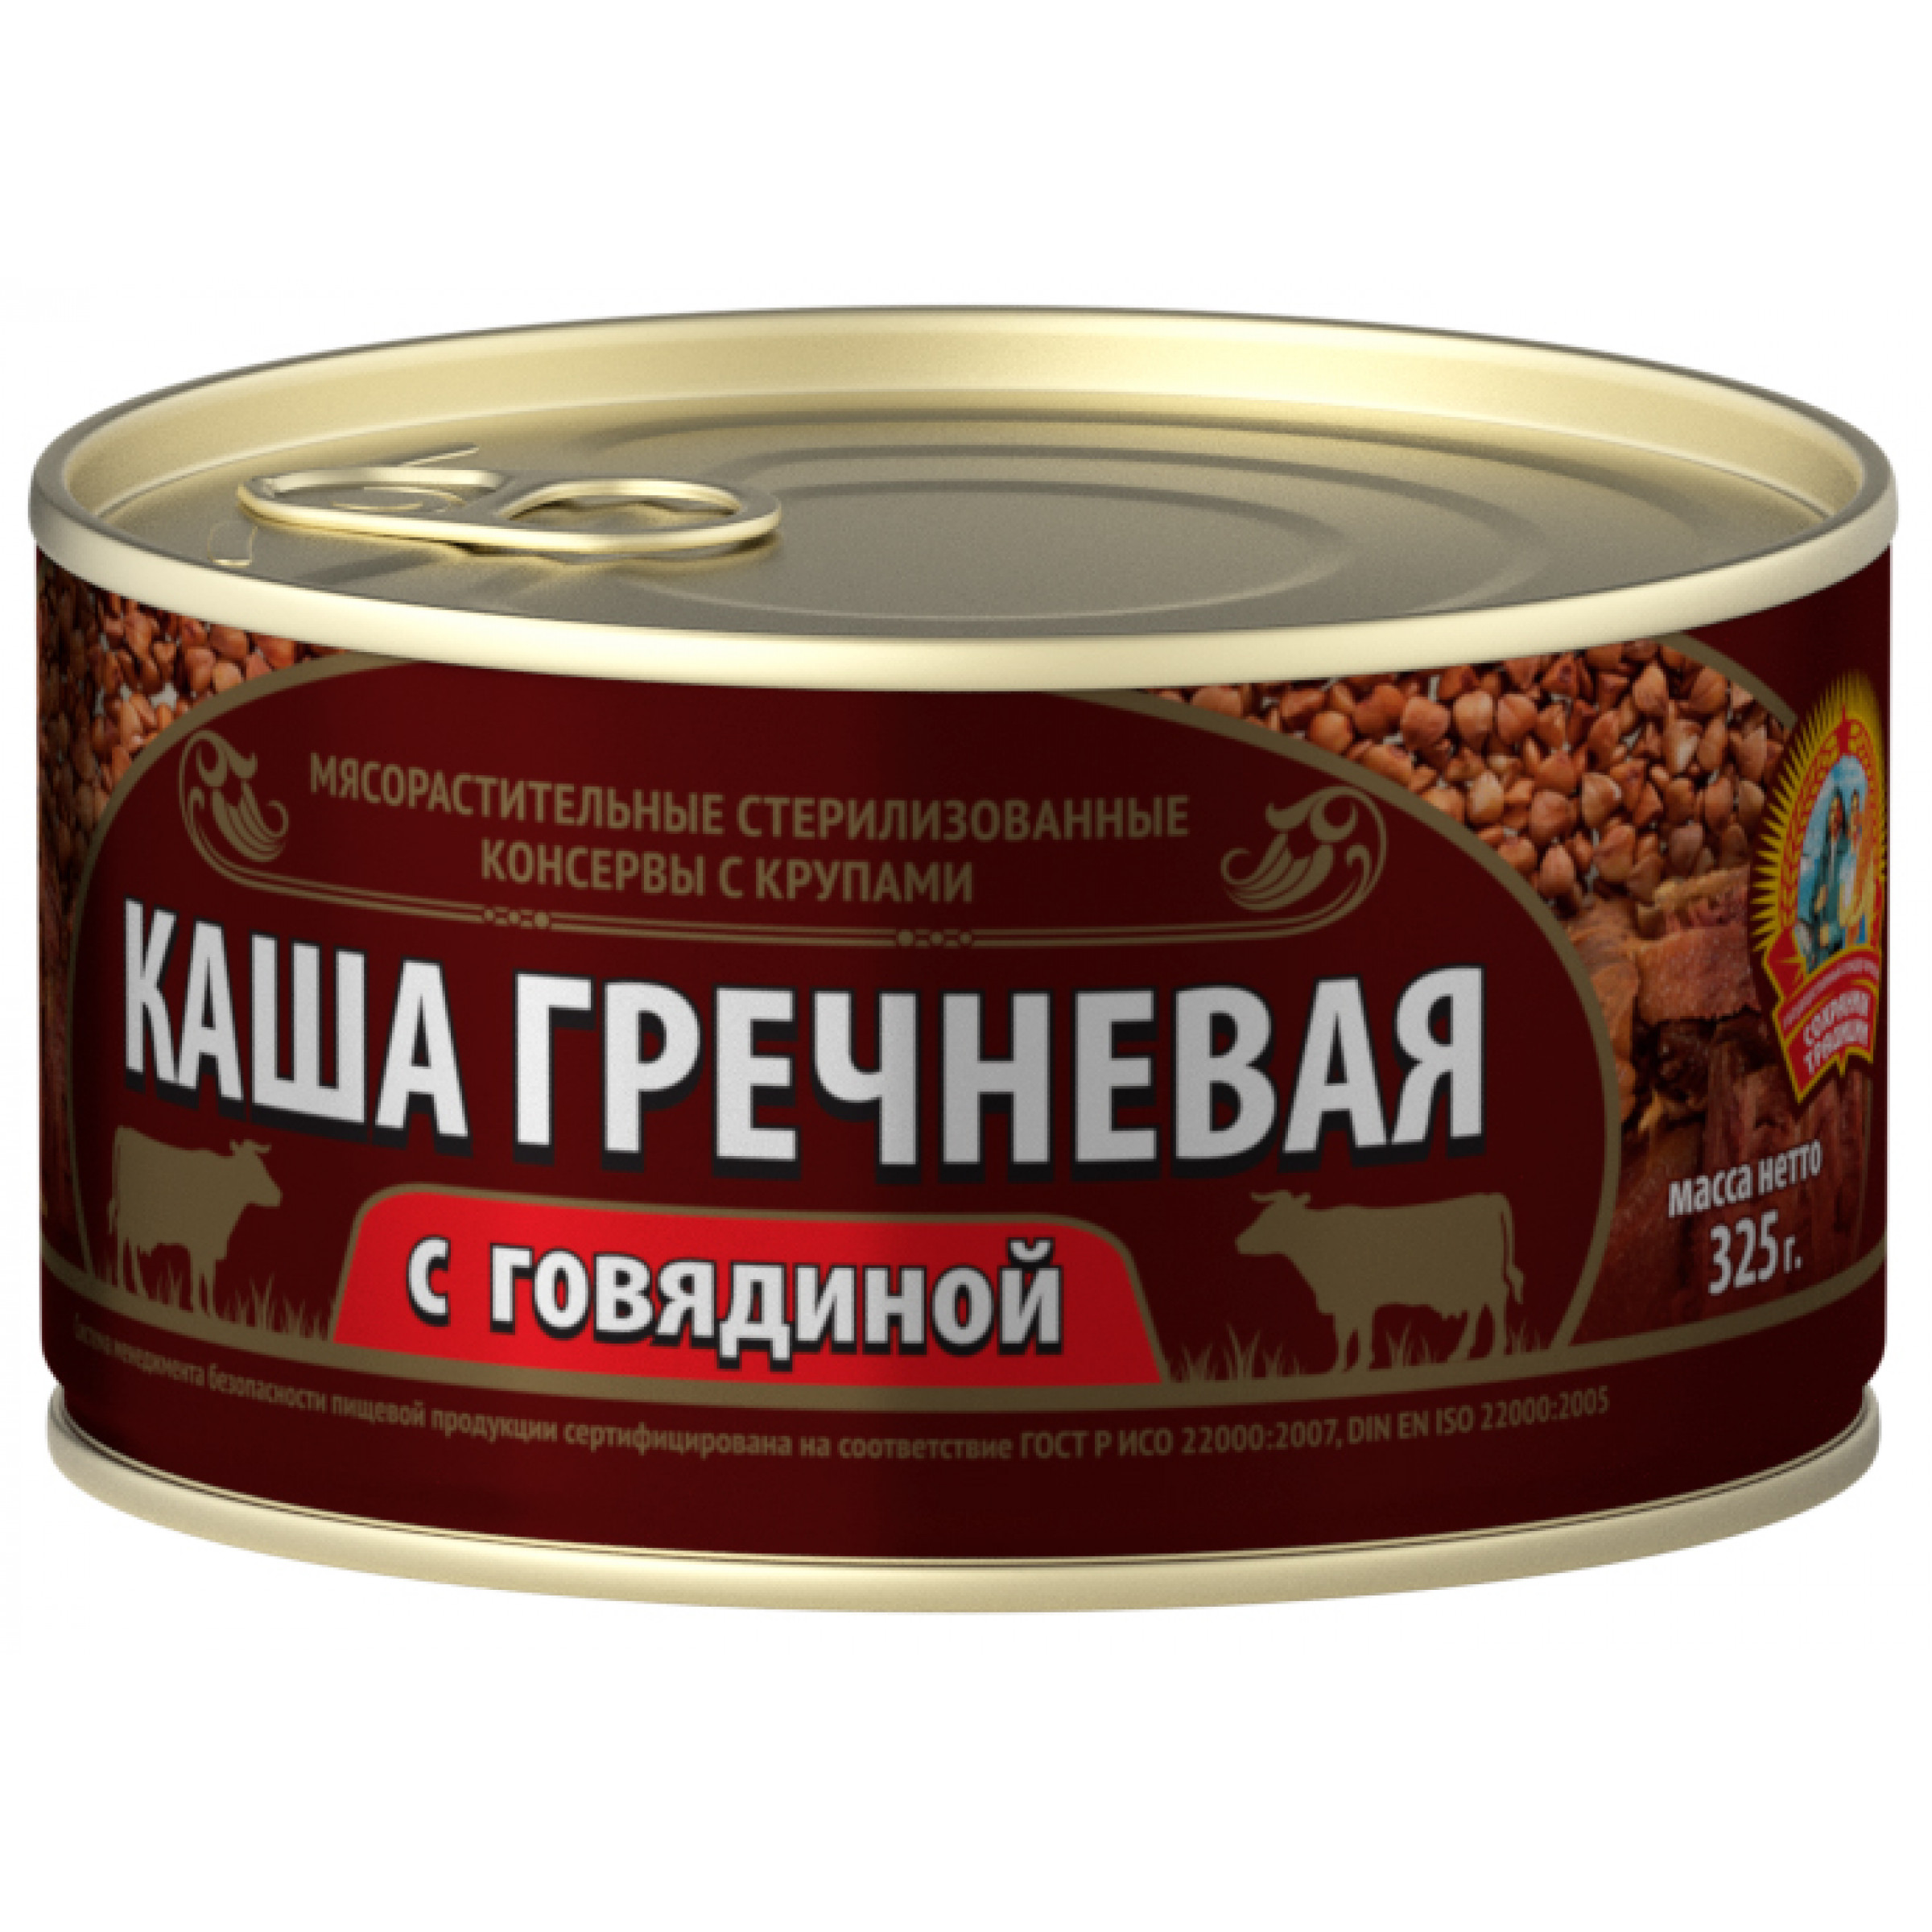 Каша Гречневая с говядиной КТК, 325гр